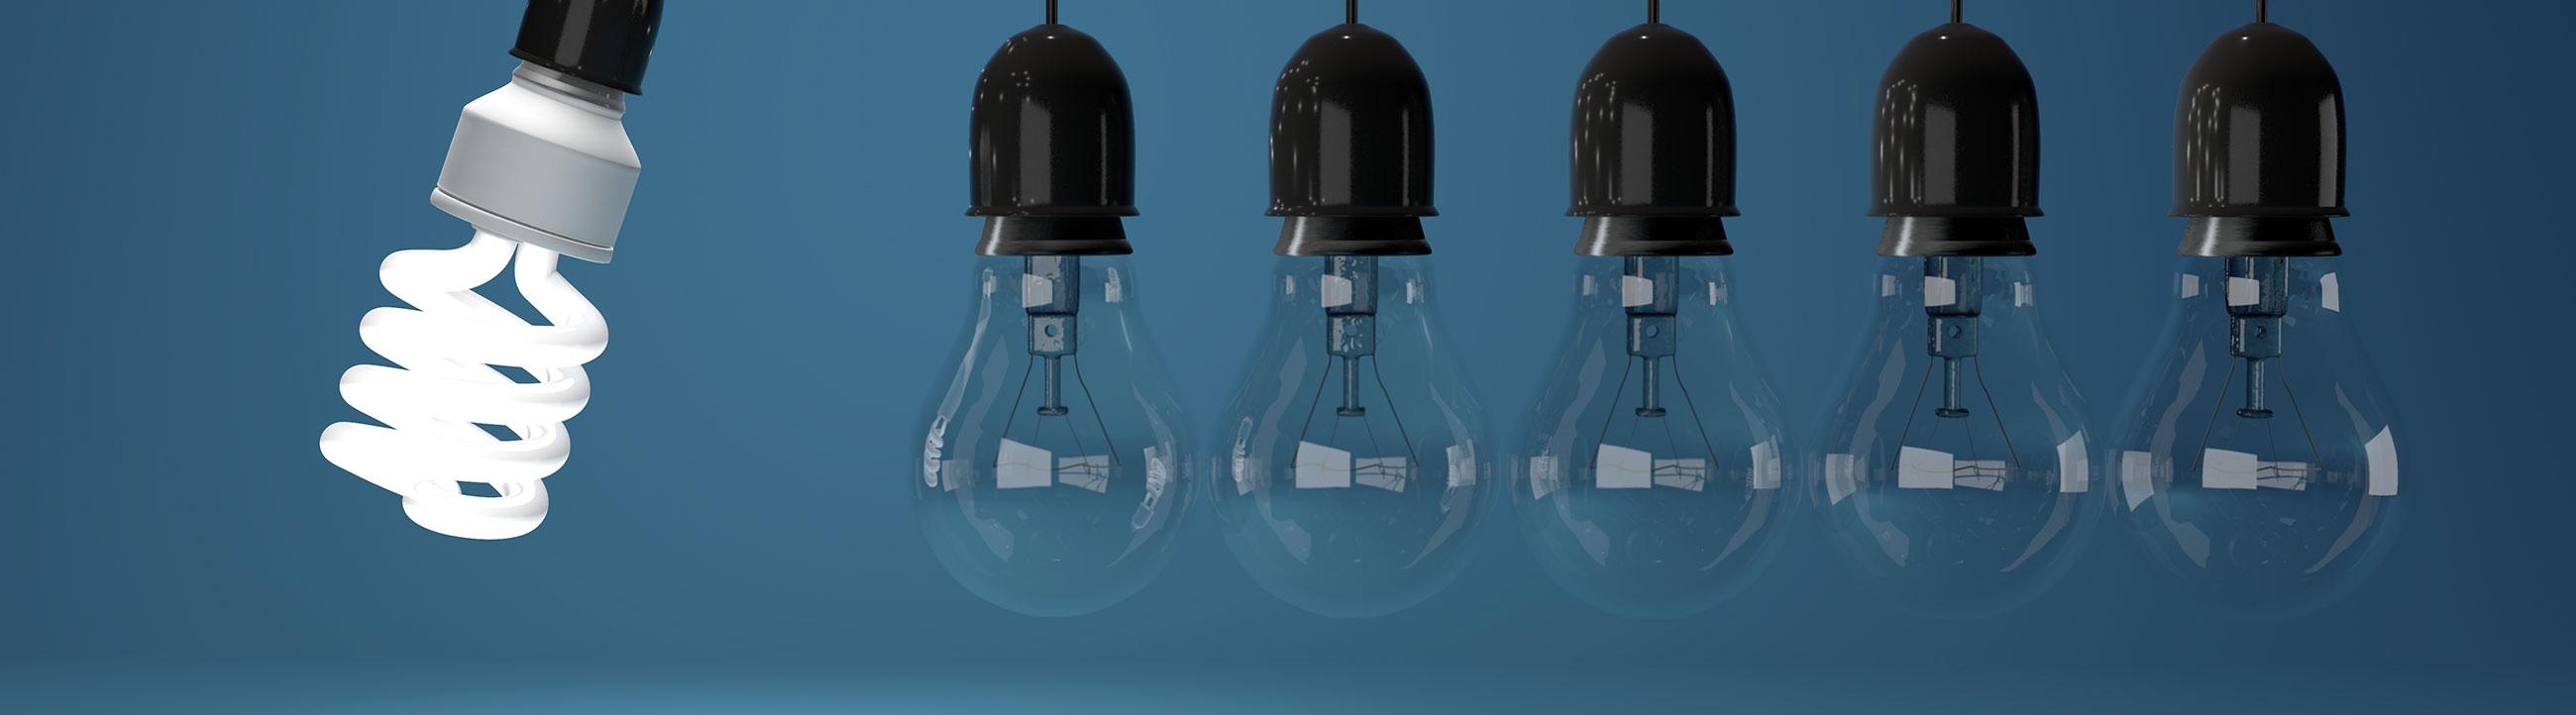 deutscher mieterbund hannover energiesparkonto mieterverein hannover mietrecht rechtsberatung. Black Bedroom Furniture Sets. Home Design Ideas